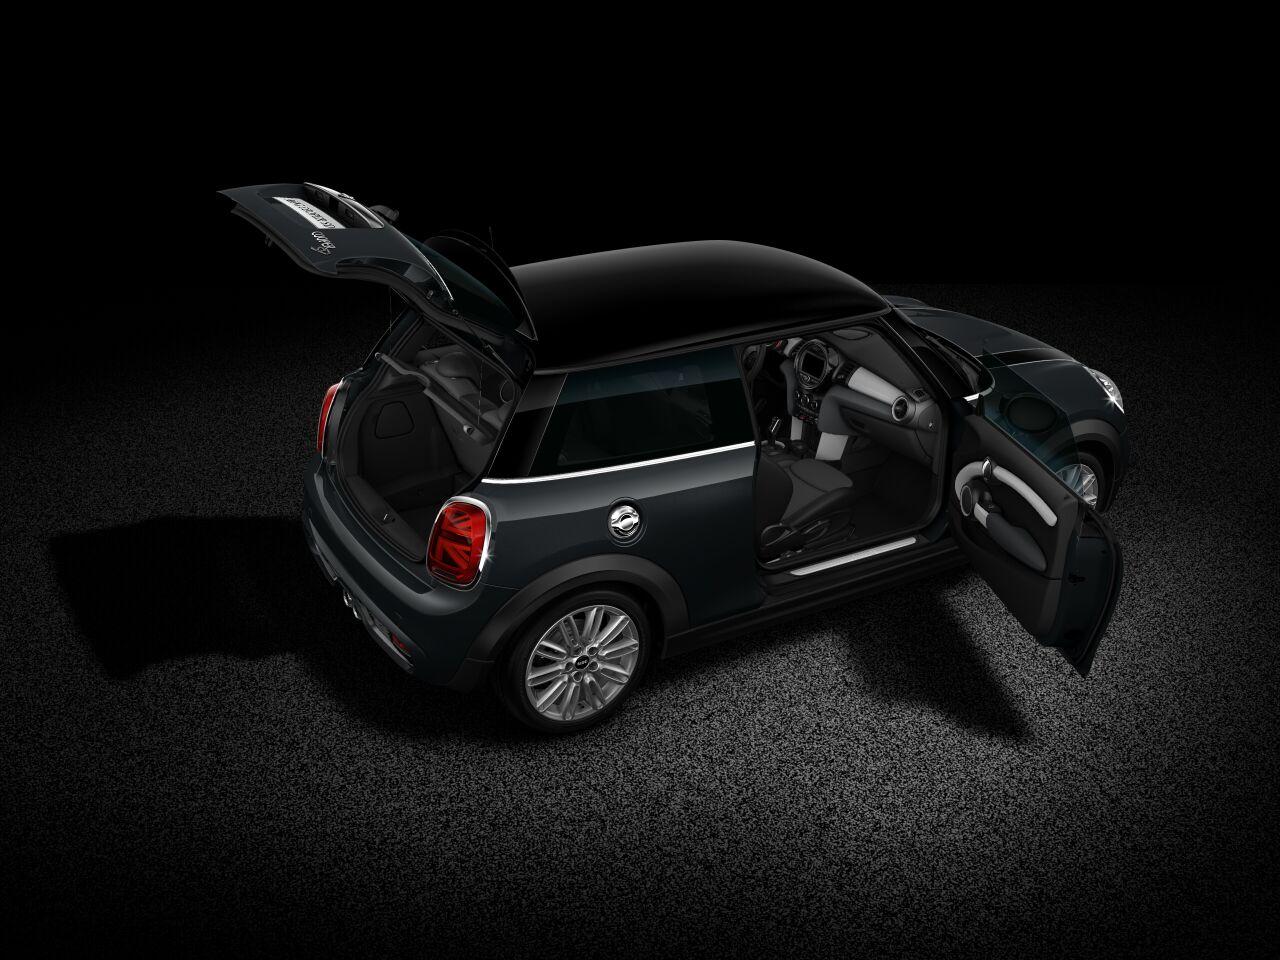 MINI Cooper SD 3 Door Hatch Full open body